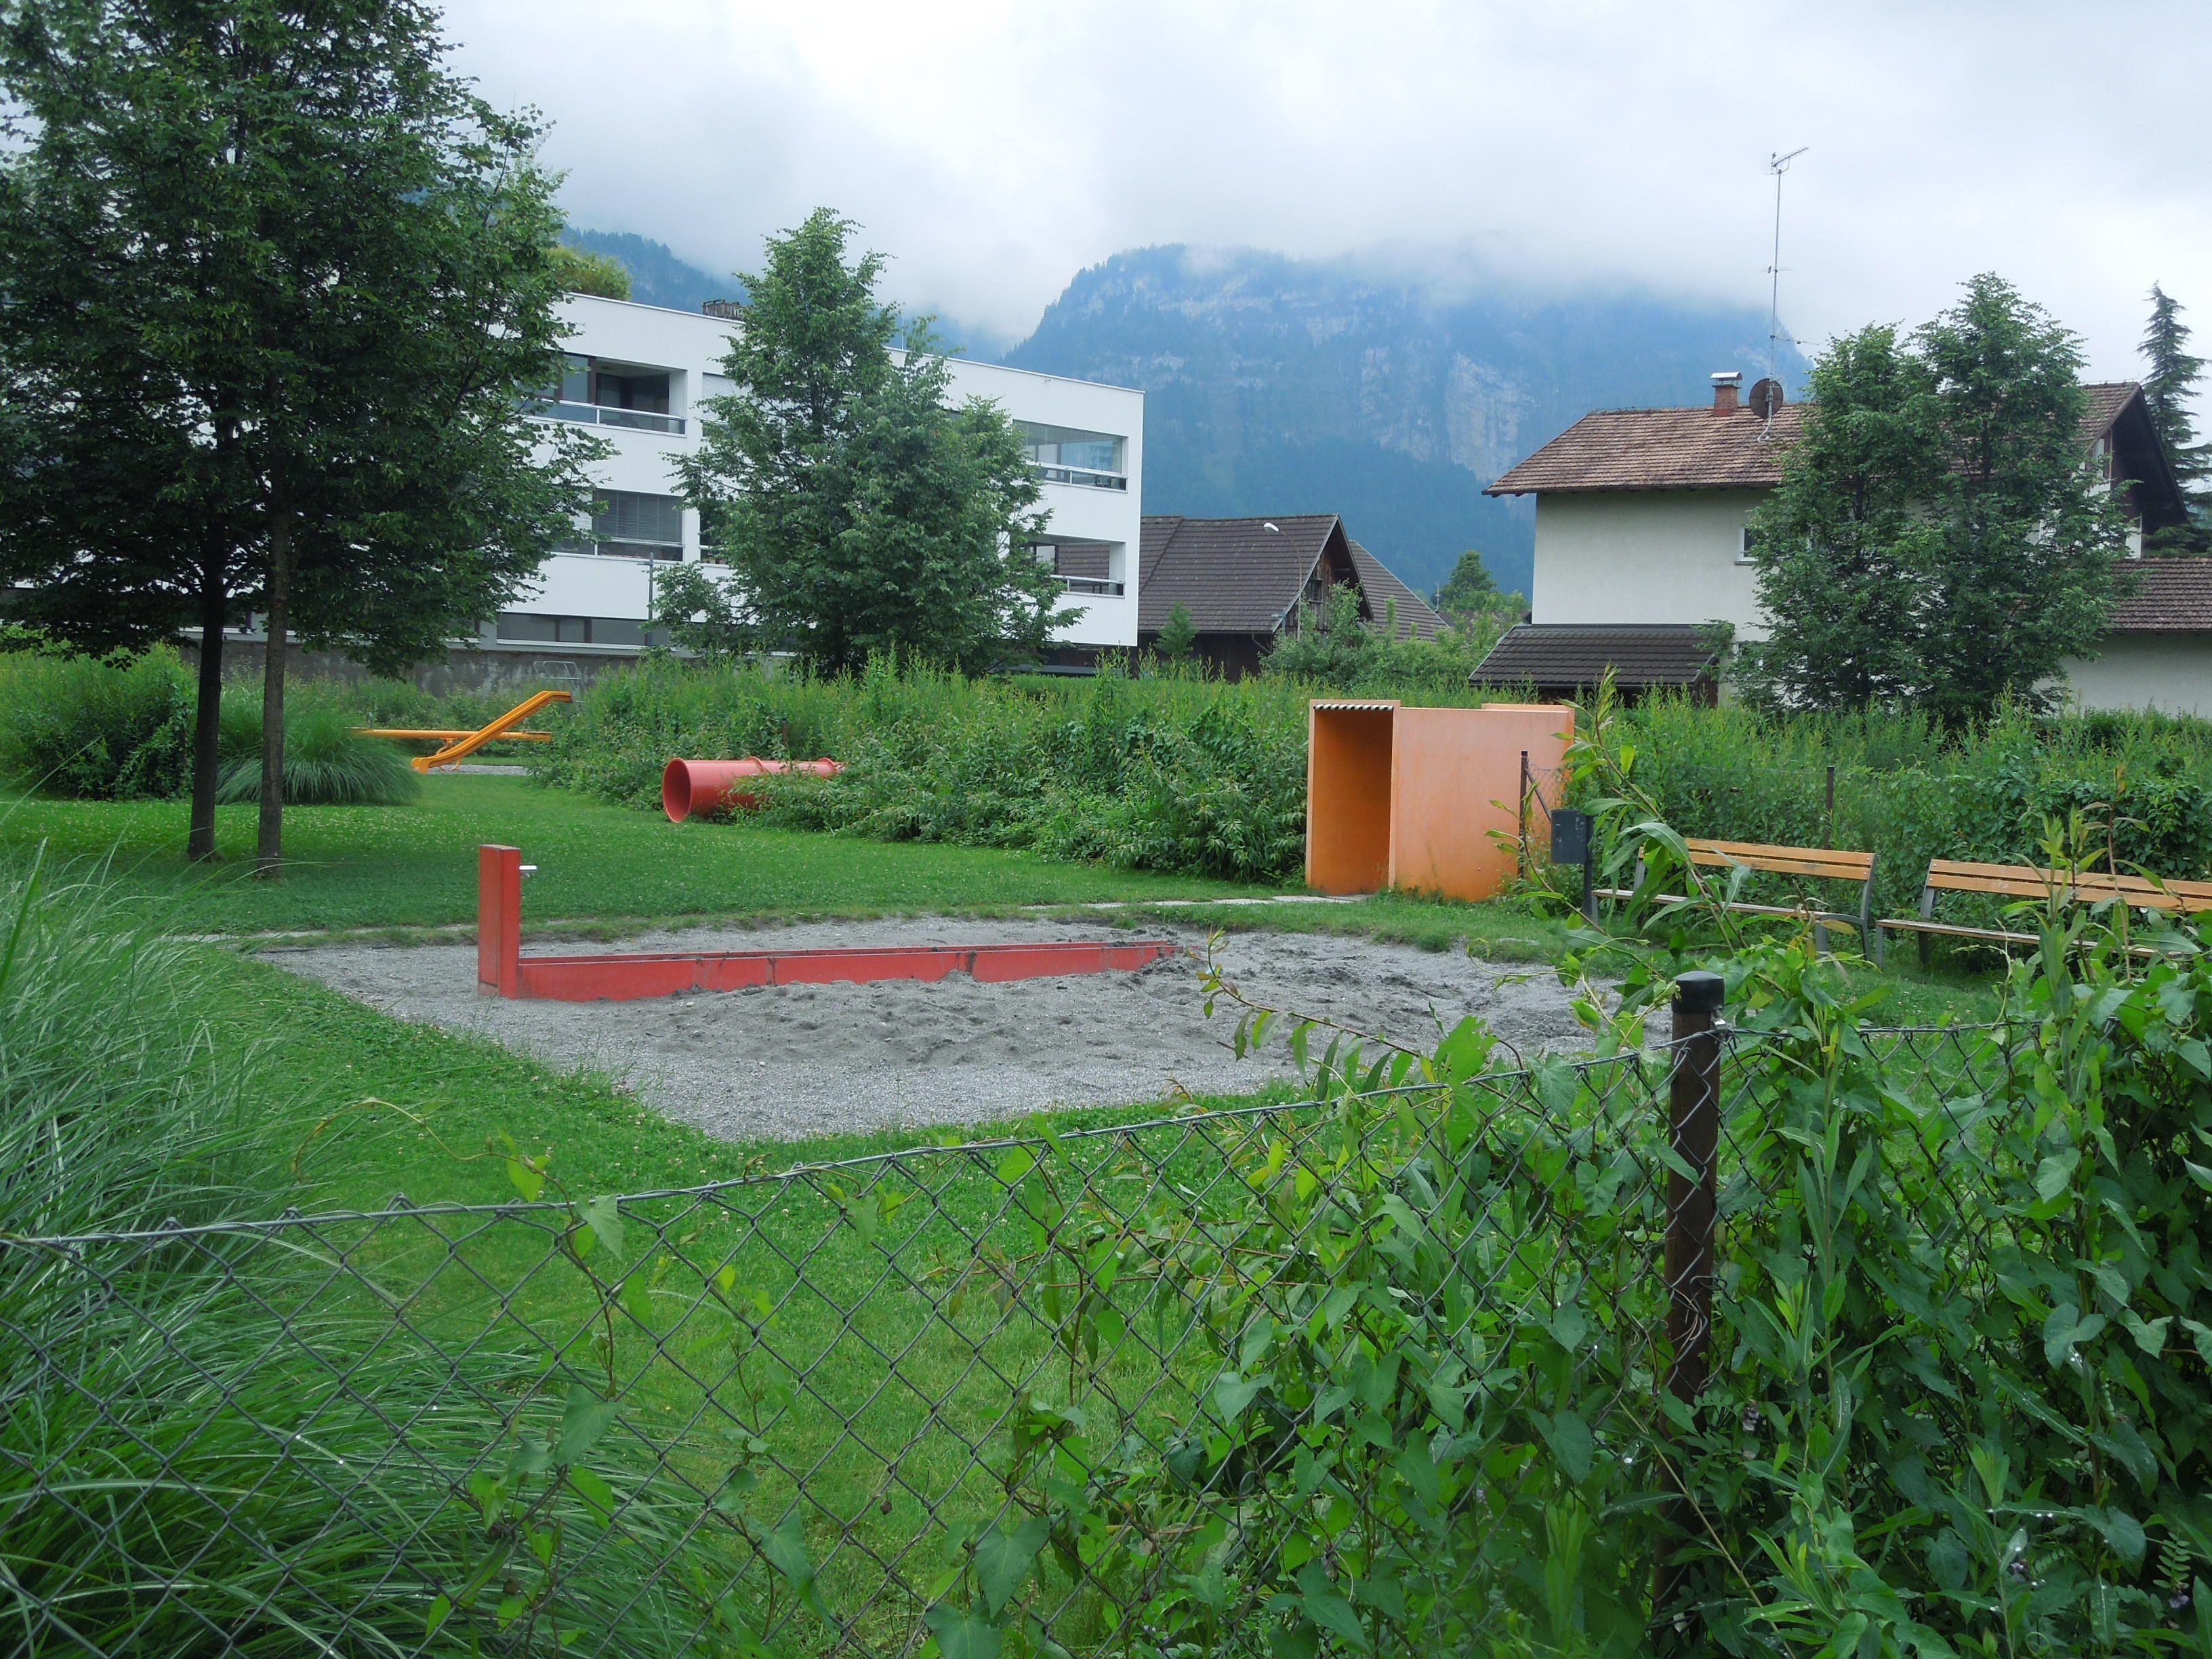 Die Stadt Dornbirn prüft derzeit wie eine Beschattung beim Inatura Spielplatz aussehen könnte.